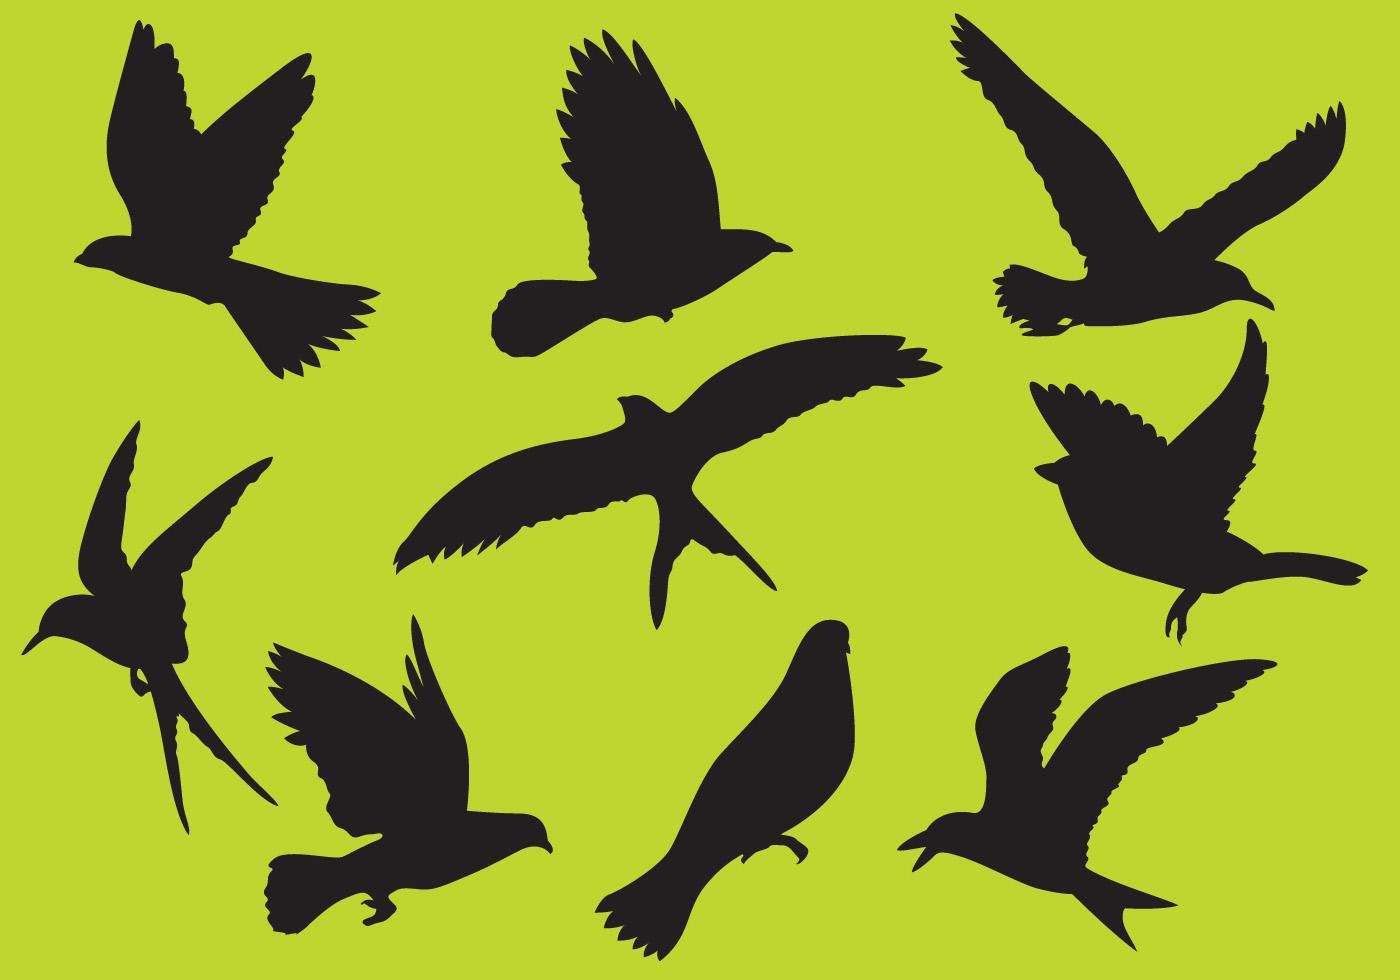 鳥剪影 免費下載 | 天天瘋後製